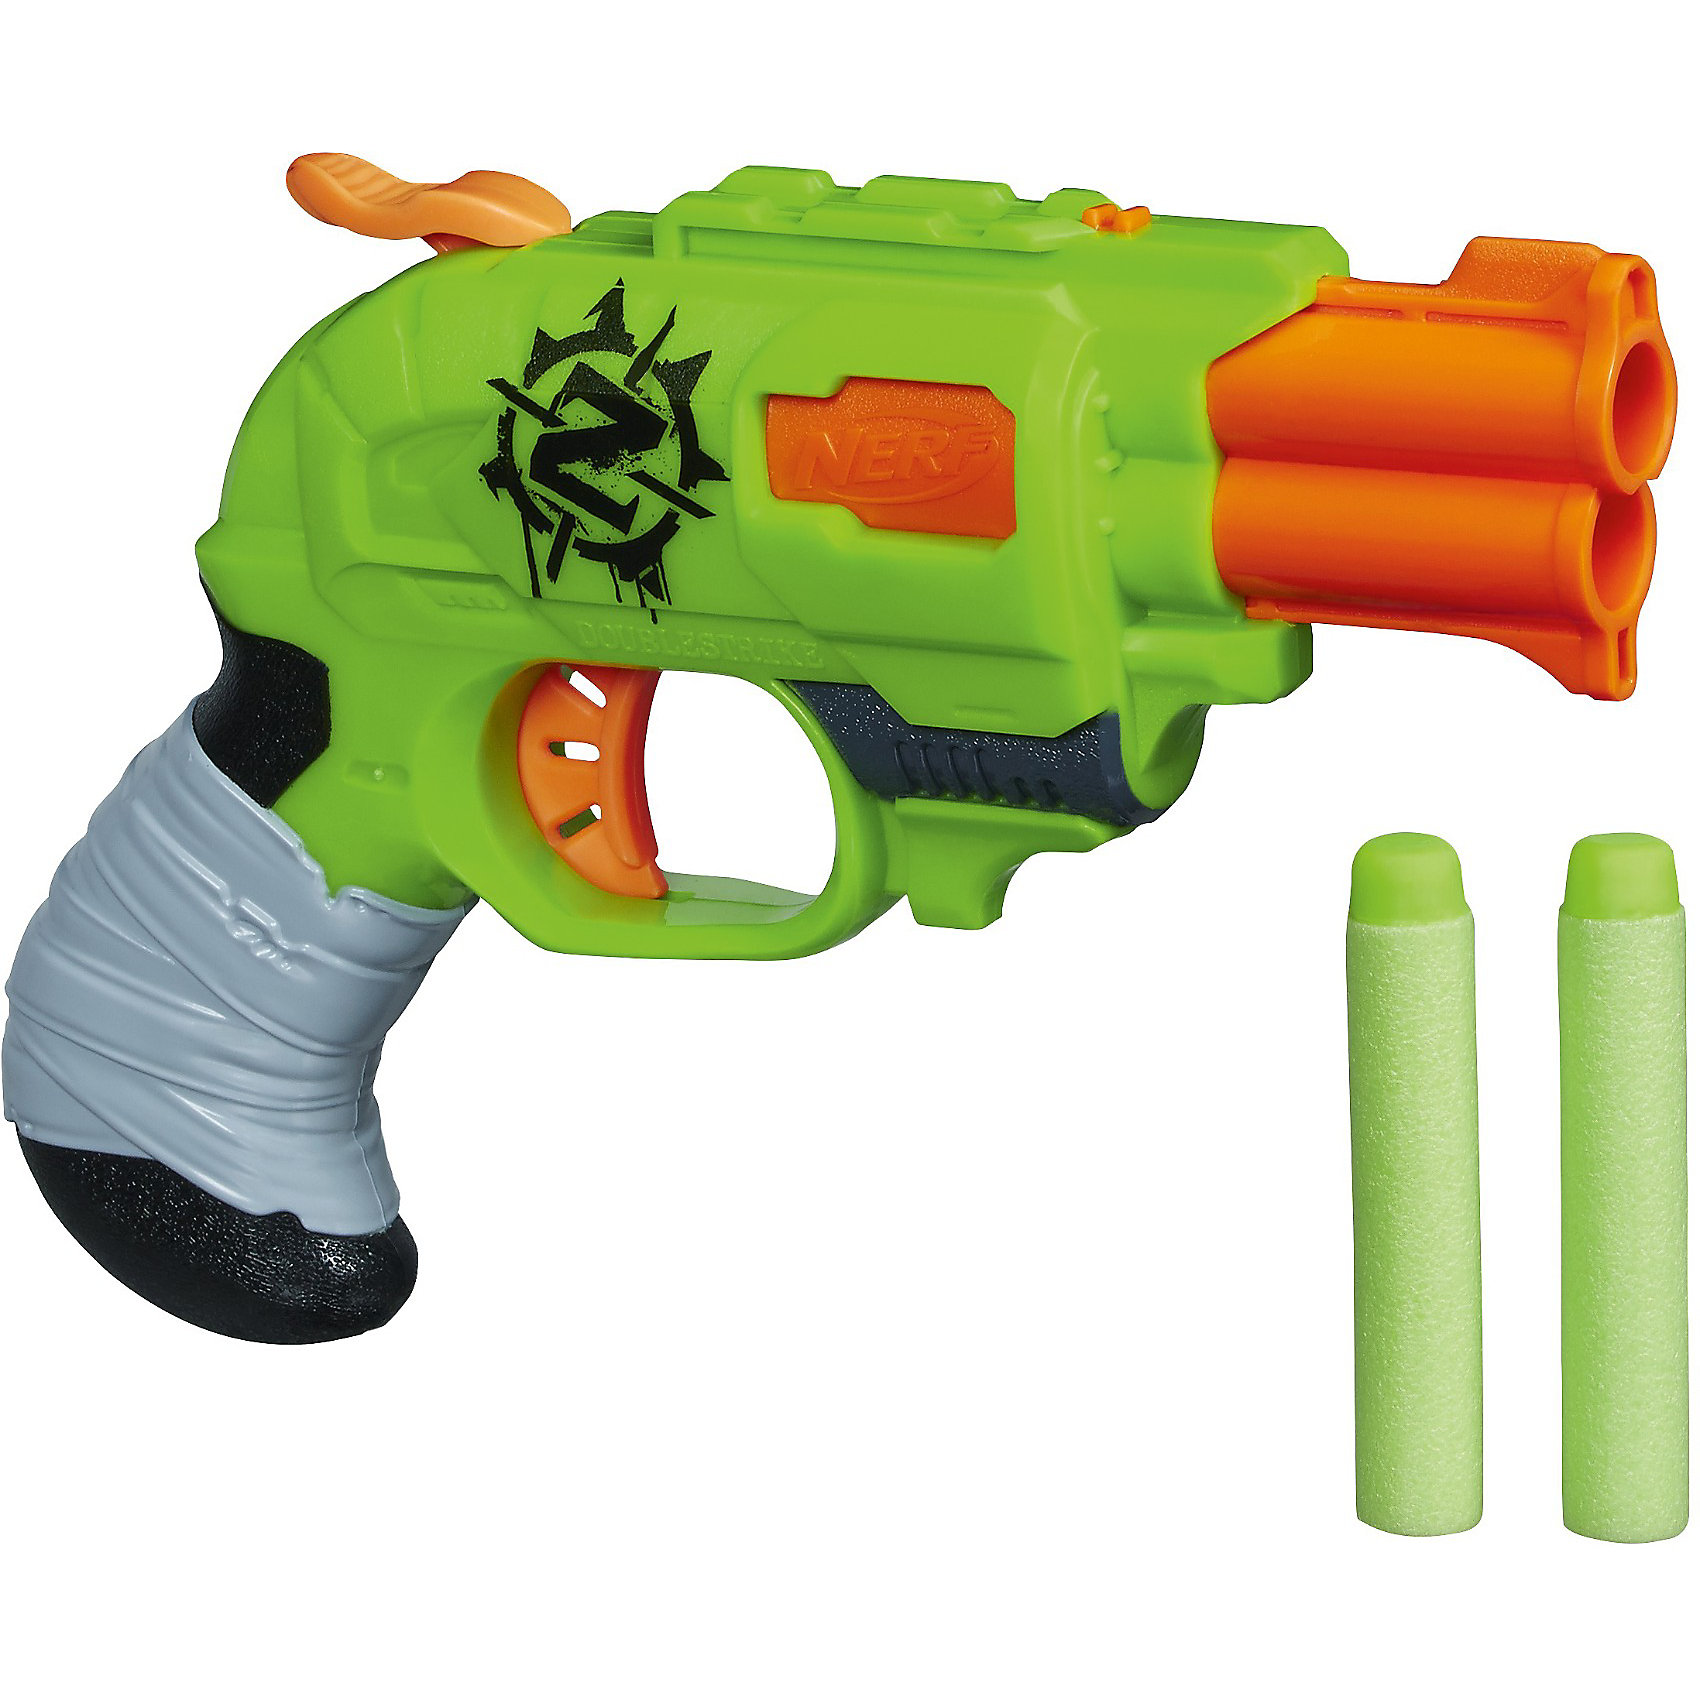 Бластер Зомби Страйк Двойная Атака, NERFБластеры, пистолеты и прочее<br>Бластер Зомби Страйк Двойная Атака, NERF - легкий и компактный бластер в виде револьвера, сможет поразить зомби сразу двумя выстрелами.<br>Охота на Зомби началась! Компактный бластер для молниеносной атаки на Зомби! Бластер стреляет двумя патронами одновременно и перезаряжается вручную. Для каждого выстрела нужно перезаряжать патроны и передергивать затвор. Используйте патроны, предназначенные только для этого бластера.<br><br>Дополнительная информация:<br><br>- В комплекте: бластер, два патрона<br>- Дальность стрельбы: 22 м.<br>- Материал бластера: высококачественная пластмасса<br>- Материал патронов: вспененный полимер<br>- Размер упаковки: 19 x 23 x 5 см.<br>- Вес: 140 гр.<br><br>Бластер Зомби Страйк Двойная Атака, NERF можно купить в нашем интернет-магазине.<br><br>Ширина мм: 239<br>Глубина мм: 195<br>Высота мм: 55<br>Вес г: 230<br>Возраст от месяцев: 96<br>Возраст до месяцев: 144<br>Пол: Мужской<br>Возраст: Детский<br>SKU: 3550829